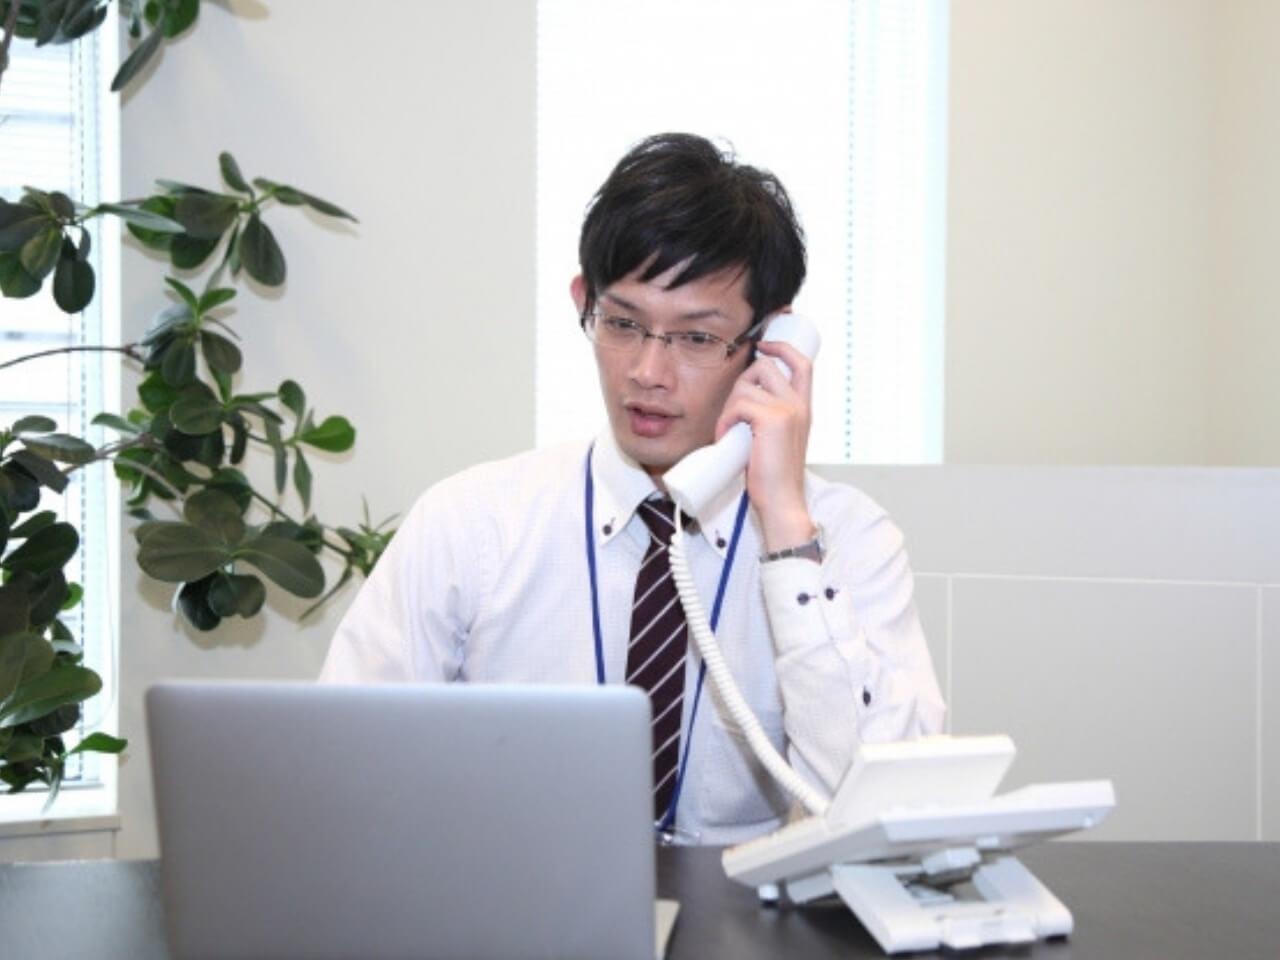 不安そうに電話対応する男性